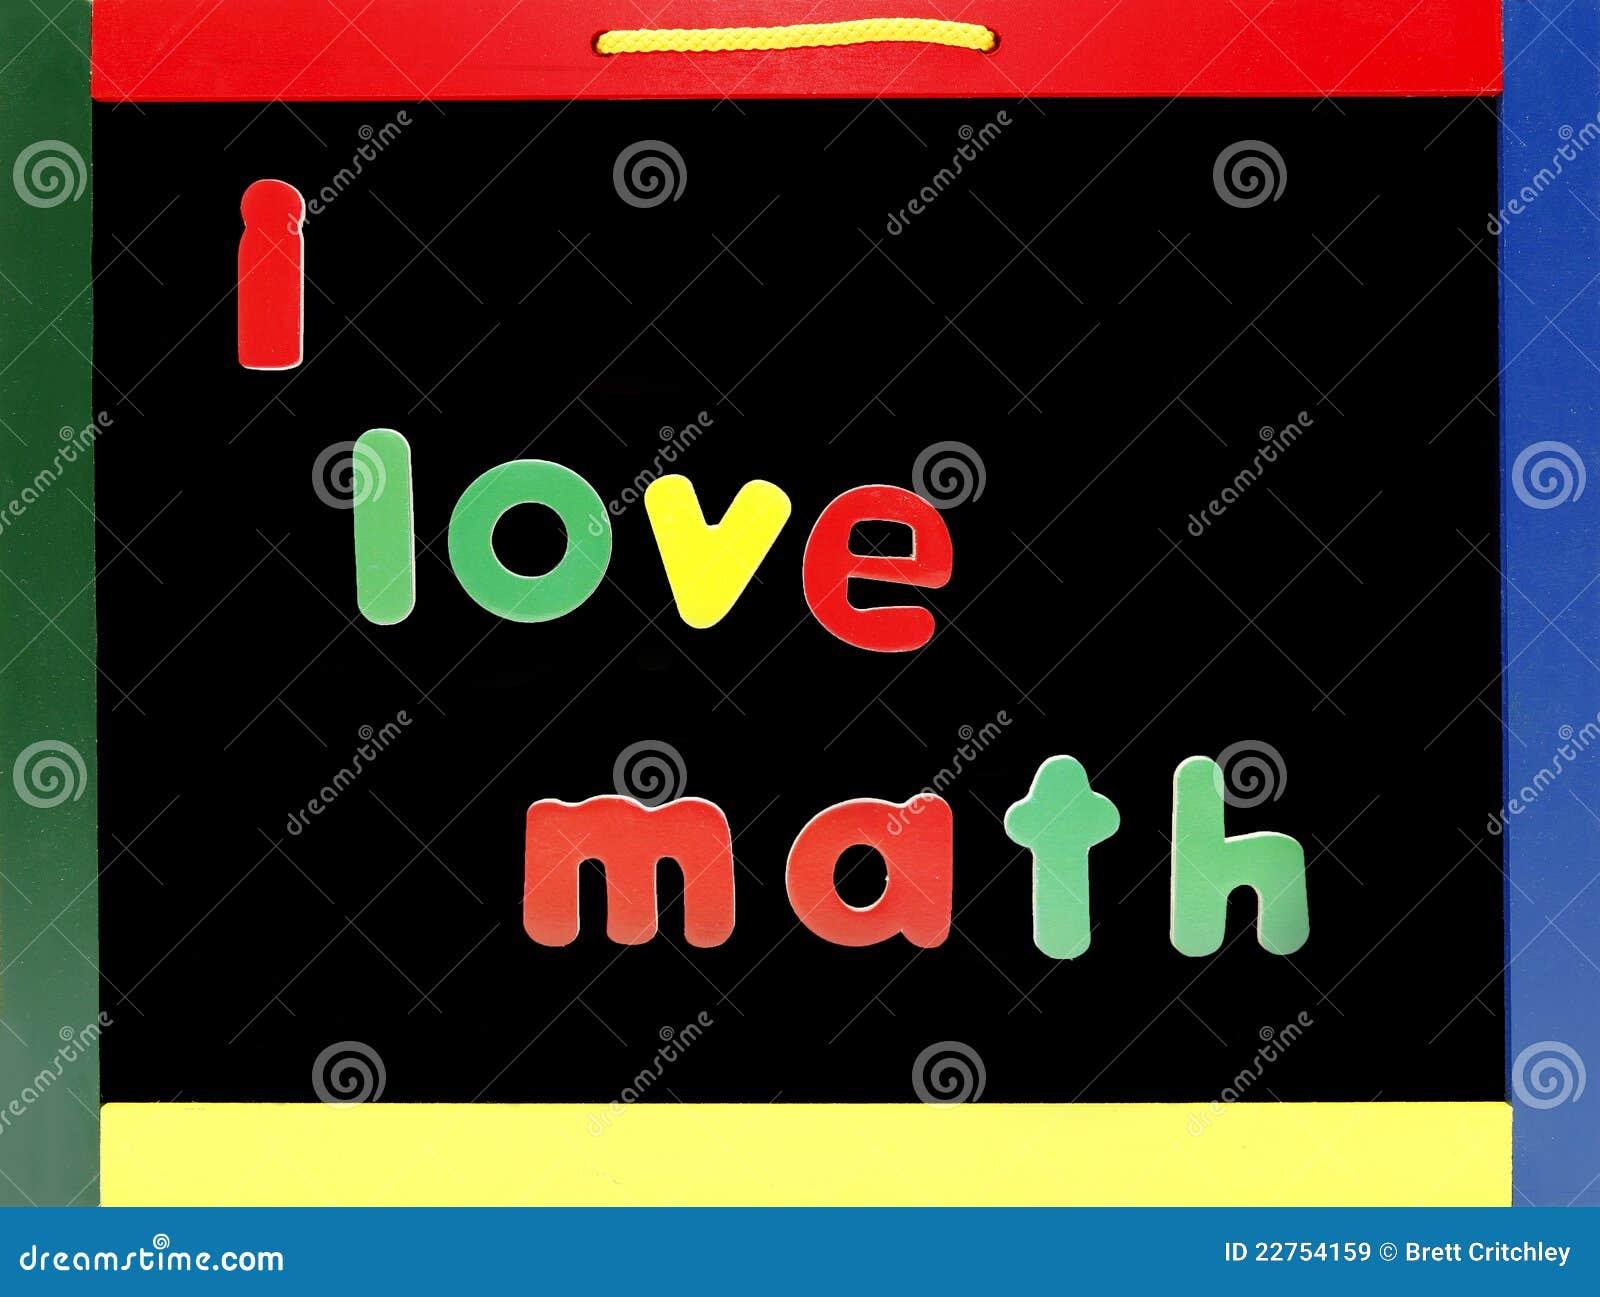 love math chalkboard stock image. image of mathematics - 22754159